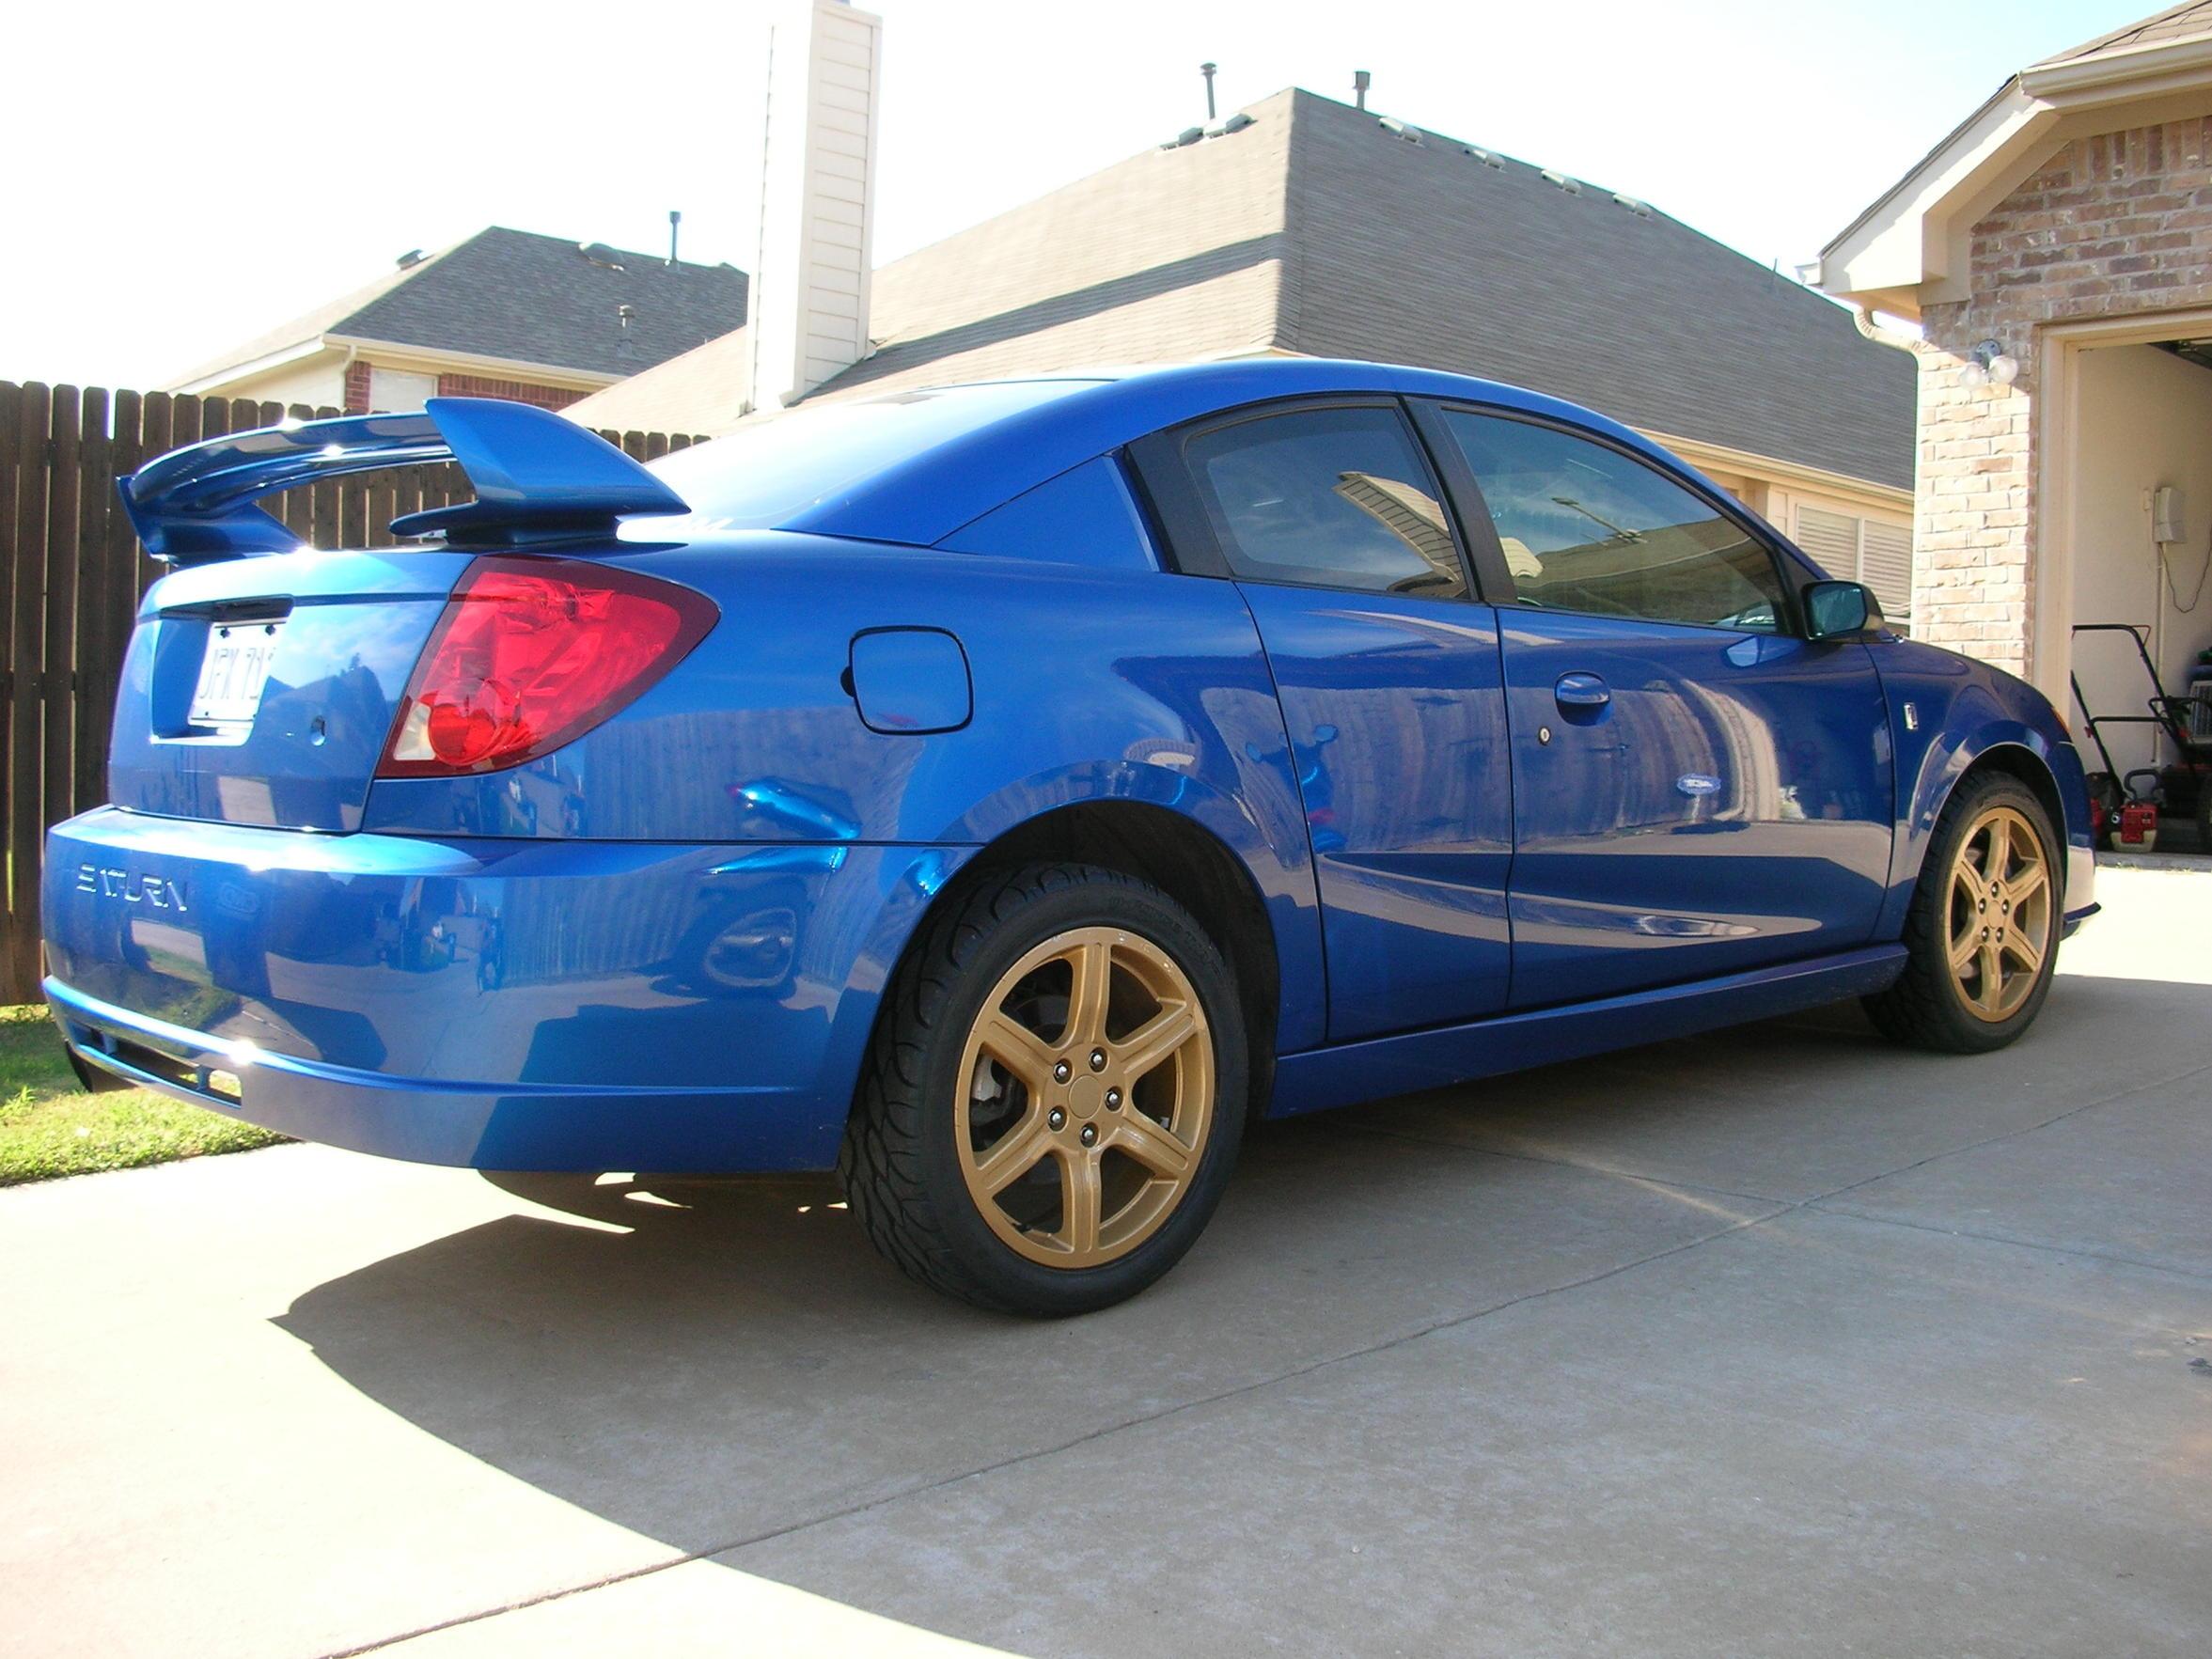 for sale 04 RL blue / gold wheels - Saturn ION RedLine Forums